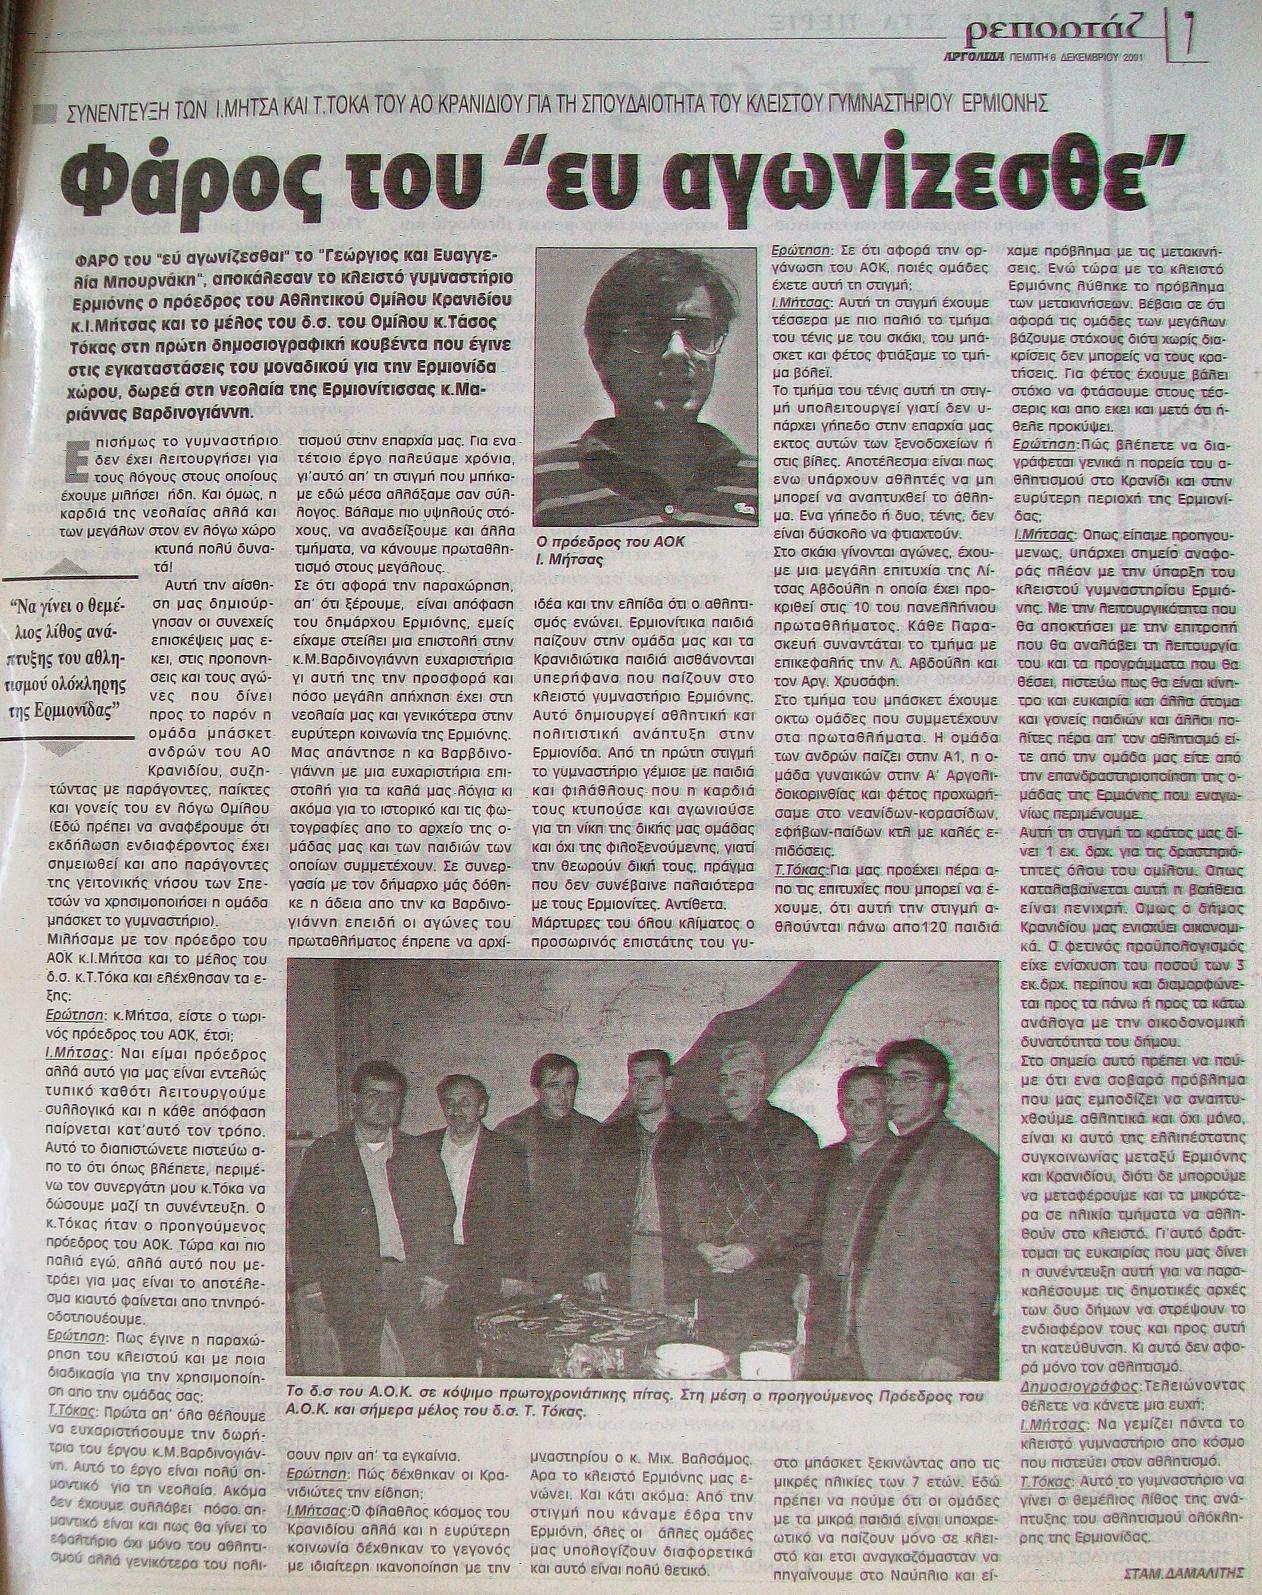 Ο Αθλητικός Όμιλος Κρανιδίου (ΑΟΚ) που αγαπήσαμε πριν 12 χρόνια!!!